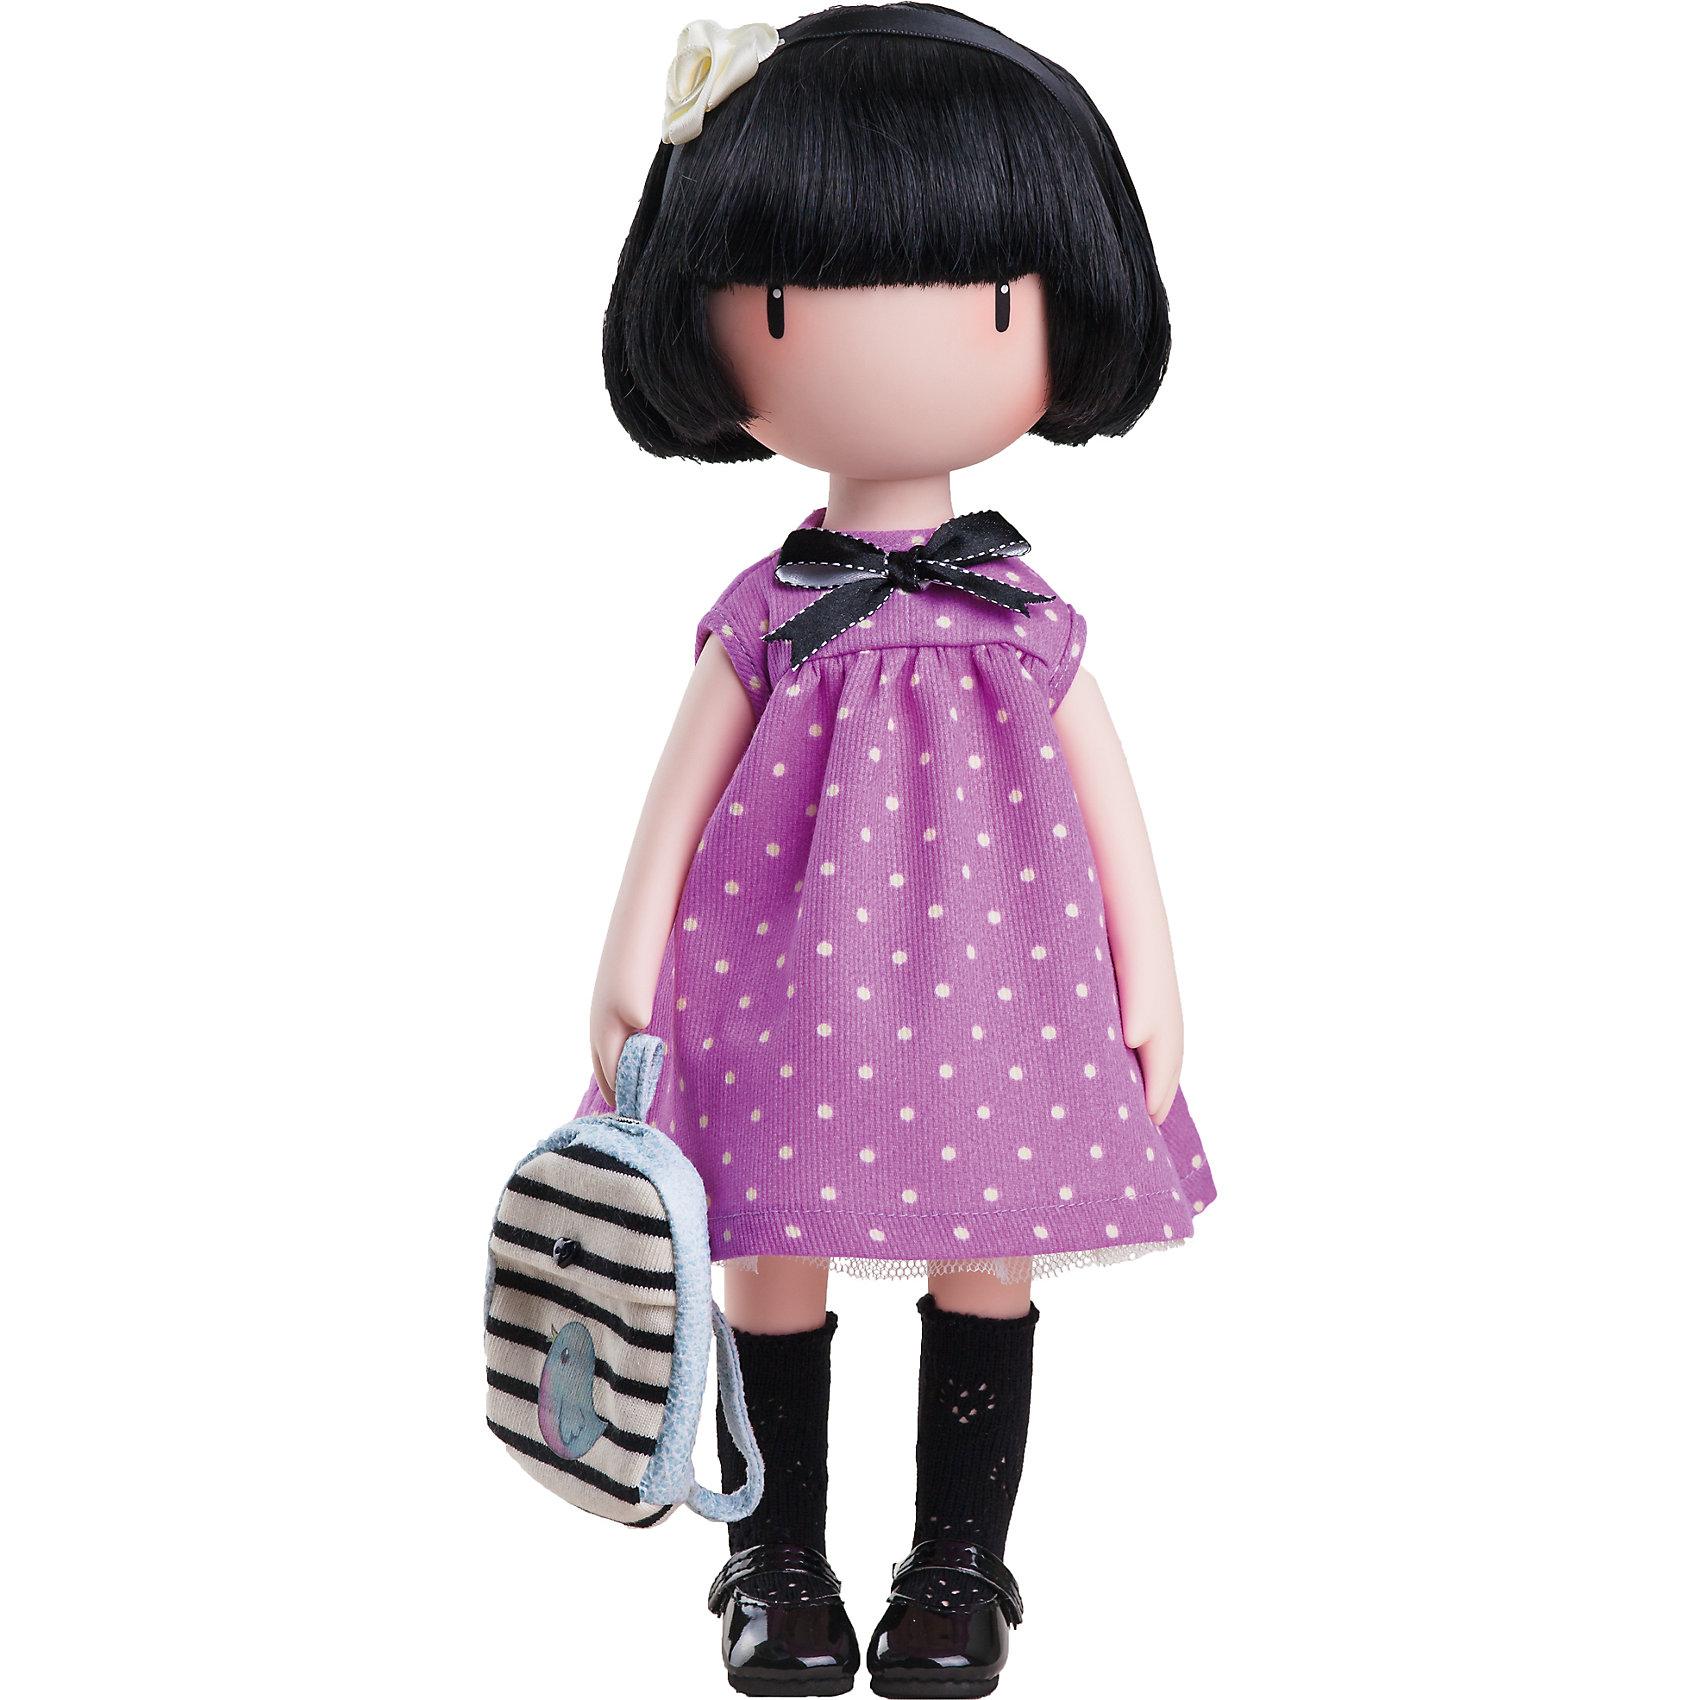 Кукла Горджусс Синяя птица, Paola ReinaКлассические куклы<br>Кукла Горджусс Синяя птица, Paola Reina.<br><br>Характеристики:<br><br>• Для детей в возрасте: от 3 лет<br>• В комплекте: кукла, рюкзак, брошюра<br>• Высота куклы: 32 см.<br>• Материалы: кукла изготовлена из винила; глаза выполнены в виде кристалла из твердого пластика; волосы сделаны из высококачественного нейлона; наряд выполнен из качественного текстиля<br>• Упаковка: подарочная картонная коробка с окошком<br><br>Кукла Горджусс Синяя птица - это уникальная кукла, созданная по образу, который придумала известная художница из Шотландии – Сюзанн Вулкон. Кукла станет любимой подружкой для каждой девочки, а также желанным экспонатом для коллекционера. Кукла одета изящное лиловое платье в горошек с декоративным бантиком. На ногах у куклы черные гольфы и туфельки. <br><br>Образ куклы дополнен полосатым рюкзачком с декоративной аппликацией в виде птички. Наряд куклы при необходимости можно снять. Темные волосы куклы из высококачественного нейлона украшены бантиком. Волосы блестят, легко расчесываются. <br><br>На лице куклы только глаза и лёгкий румянец — так ей проще стать отражением настроения ребёнка. Ведь этот образ уже сам по себе иллюстрация эмоций. Подобный стиль открывает простор для фантазии — нос, рот и брови можно додумать самостоятельно! <br><br>Кукла имеет пропорциональное телосложение. Голова, руки и ноги подвижны. Тело куклы выполнено из приятного на ощупь высококачественного винила, который имеет лёгкий аромат «английского сада» с нотками жимолости и розы. <br><br>Материалы, из которых изготовлена кукла, прошли все необходимые проверки на безопасность для детей. Качество подтверждено нормами безопасности EN17 ЕЭС. Дополнительно в комплекте с куклой предусмотрена информационная иллюстрированная брошюра.<br><br>Куклу Горджусс Синяя птица, Paola Reina можно купить в нашем интернет-магазине.<br><br>Ширина мм: 375<br>Глубина мм: 175<br>Высота мм: 105<br>Вес г: 820<br>Возраст от месяцев: 36<br>Возраст 